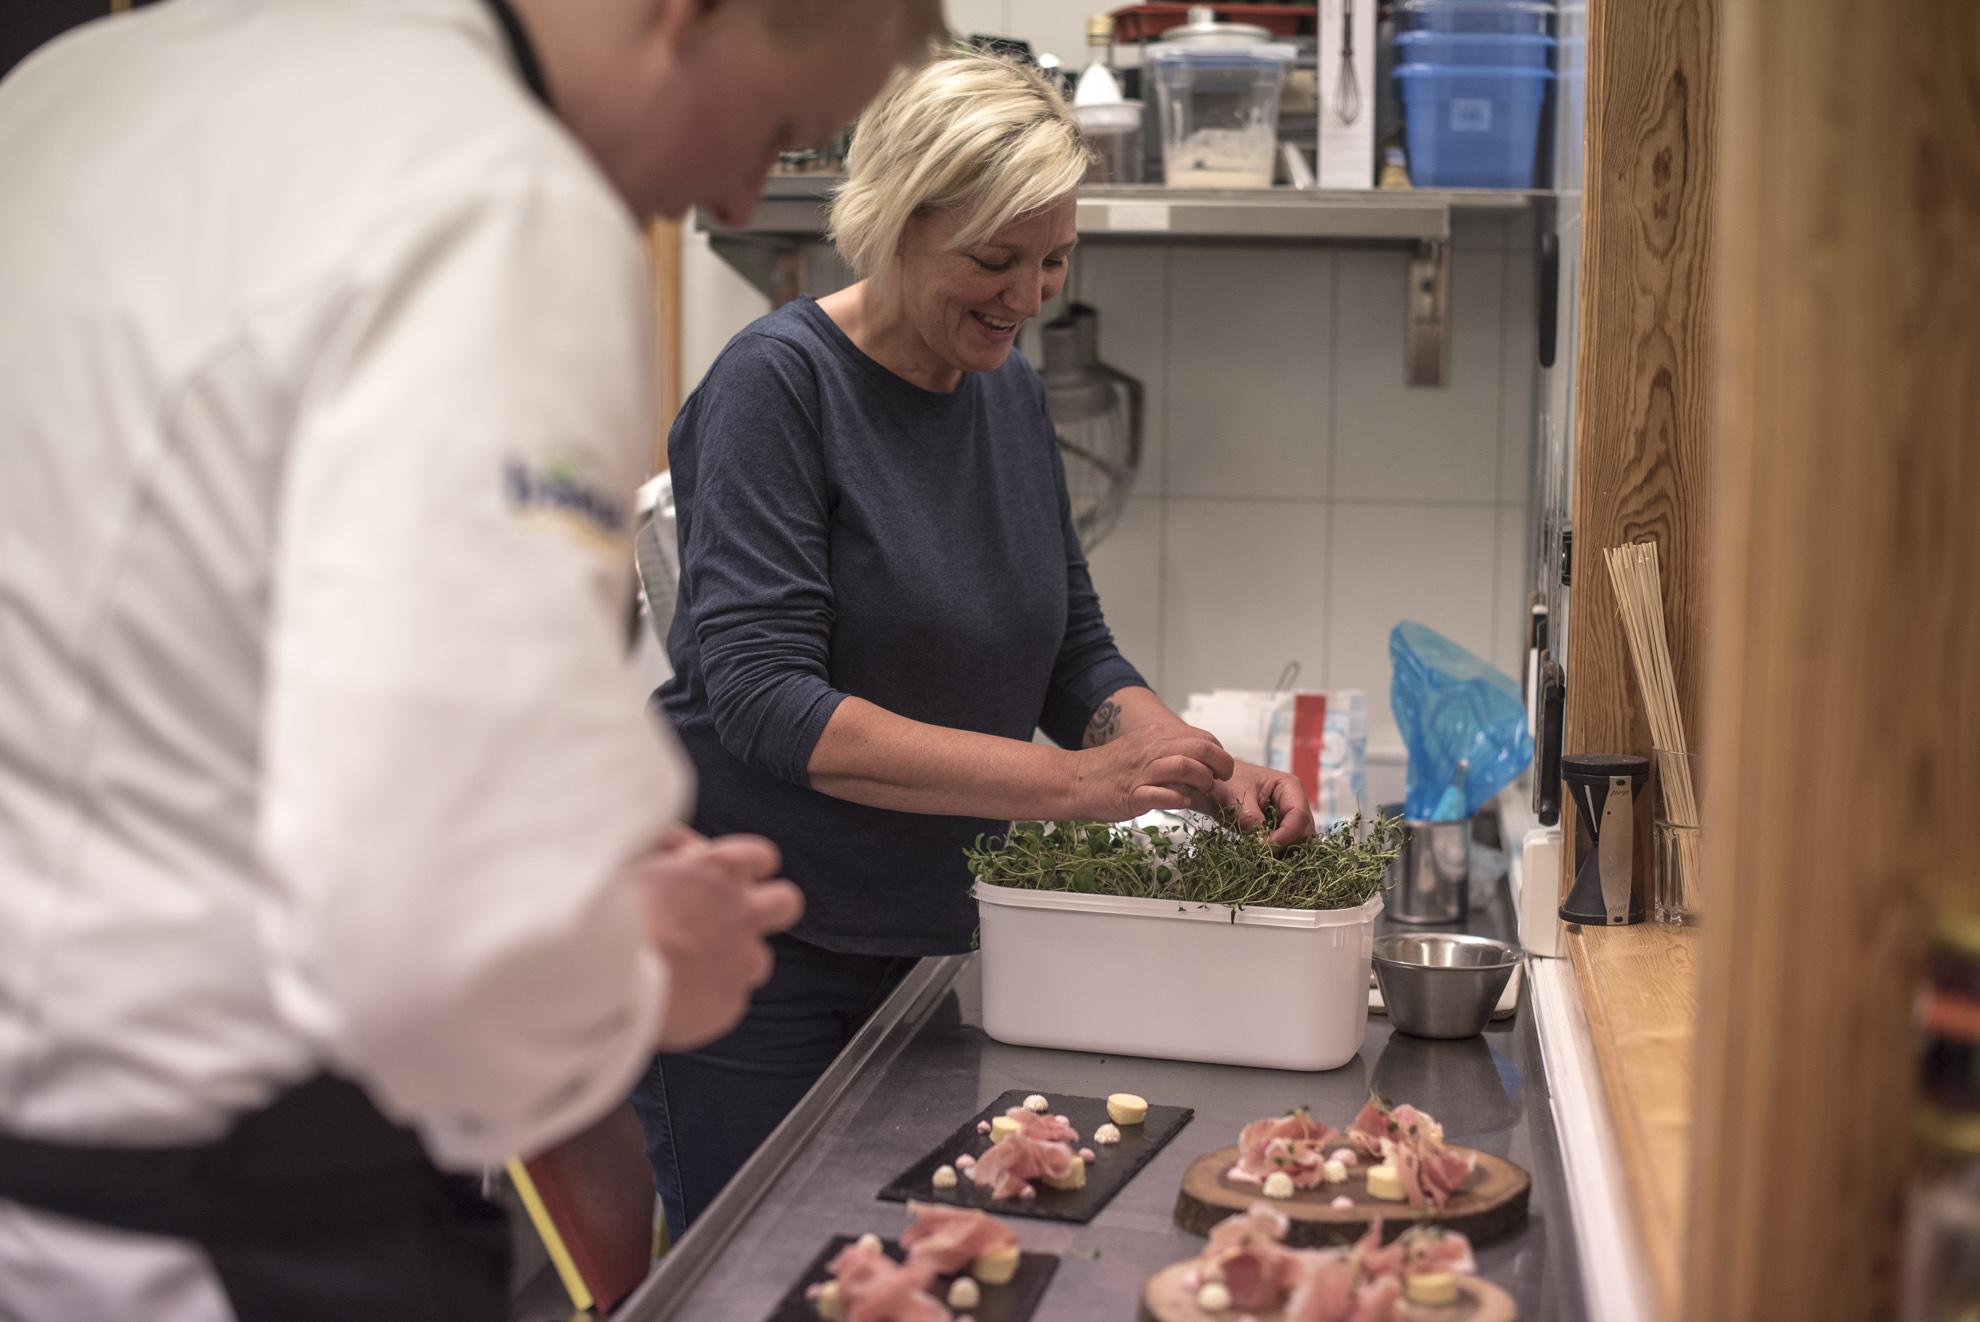 Matglede med råvarer av høy kvalitet - Mat er en viktig del av helhetsopplevelsen for gjestene våre, og vi har hatt engasjerte kokker som har jobbet mye med å lage gode måltider. Lokalt og i regionene rundt oss finner du mange lokale småskalaprodusenter som leverer topp råvarer.Vi er en del av Opplæringskontoret Brimi-Kjøken, et nettverk for kokkelærlinger etter Arne Brimis filosofi. Kjøkkenet på Furuhaugli er moderne og godt vedlikeholdt.